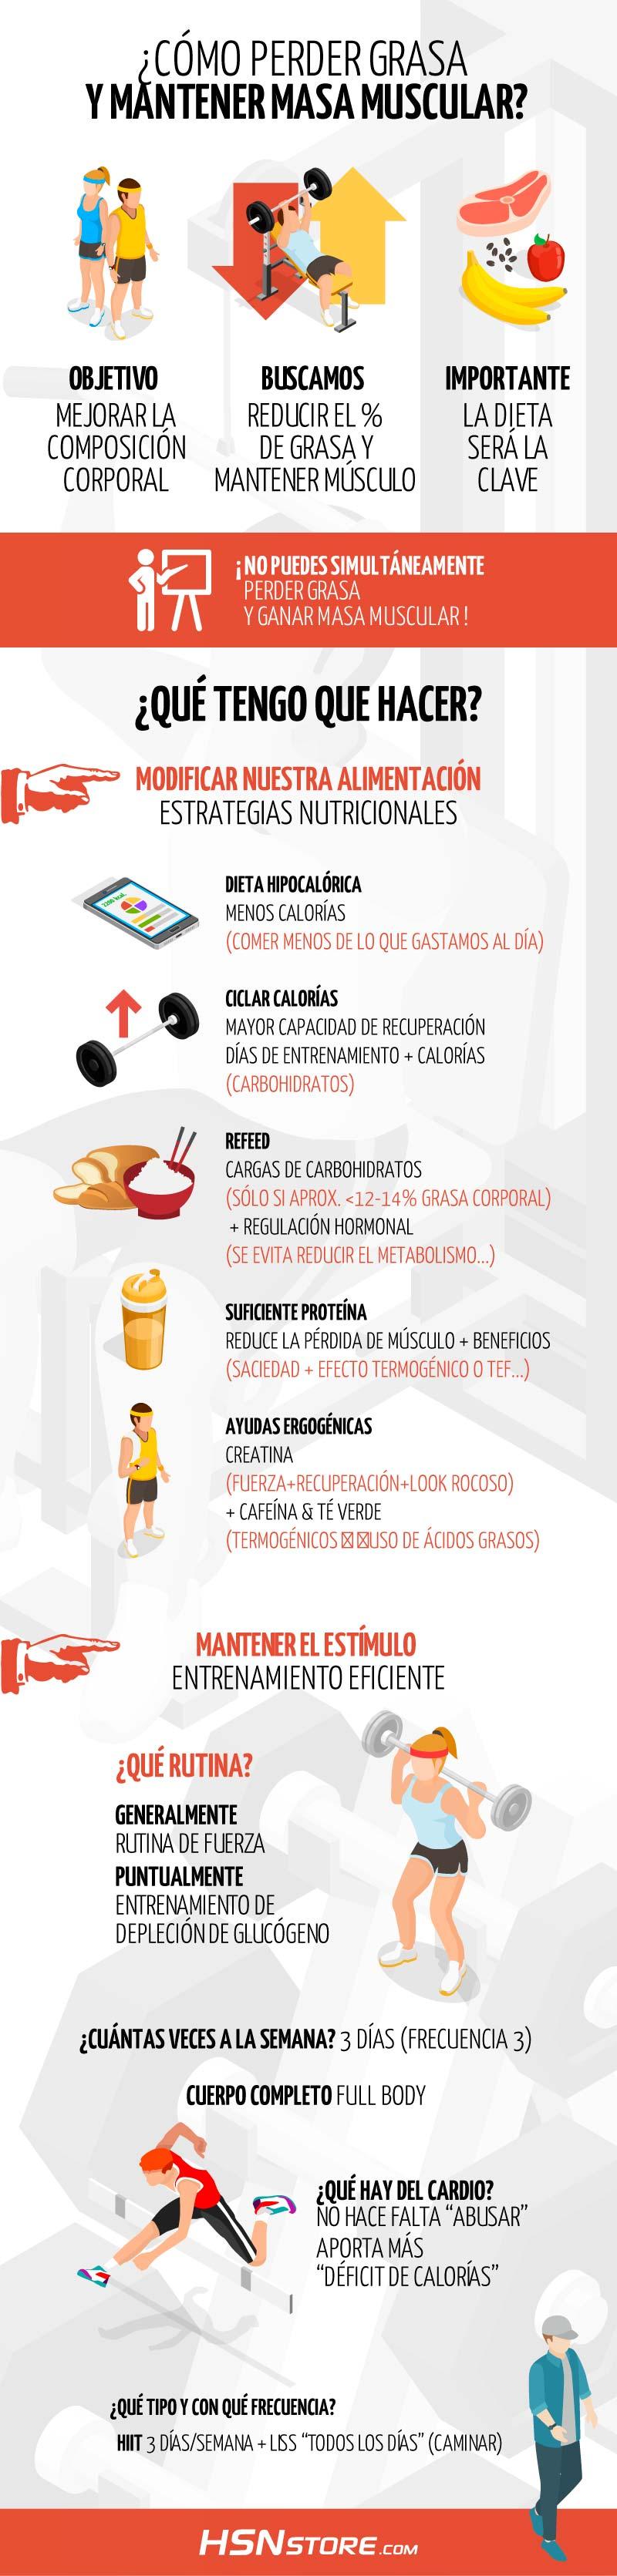 Dieta para hacer musculo